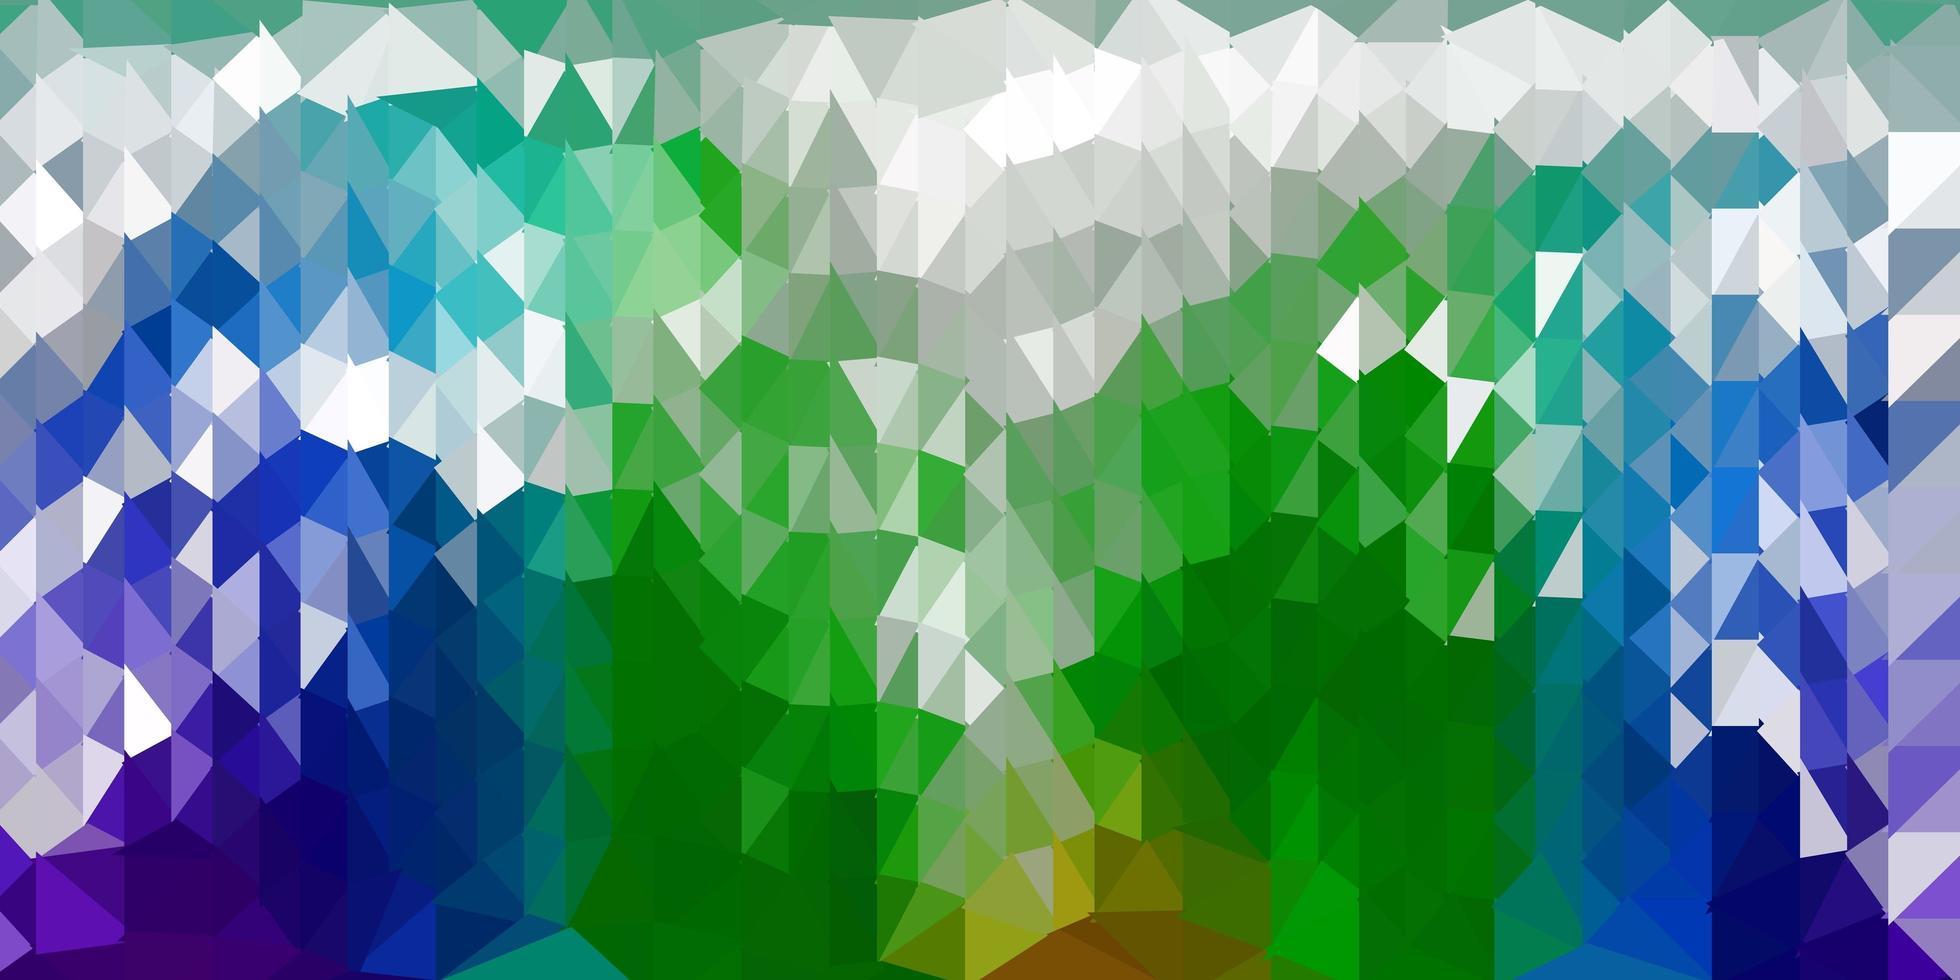 plantilla de triángulo abstracto vector azul oscuro, verde.